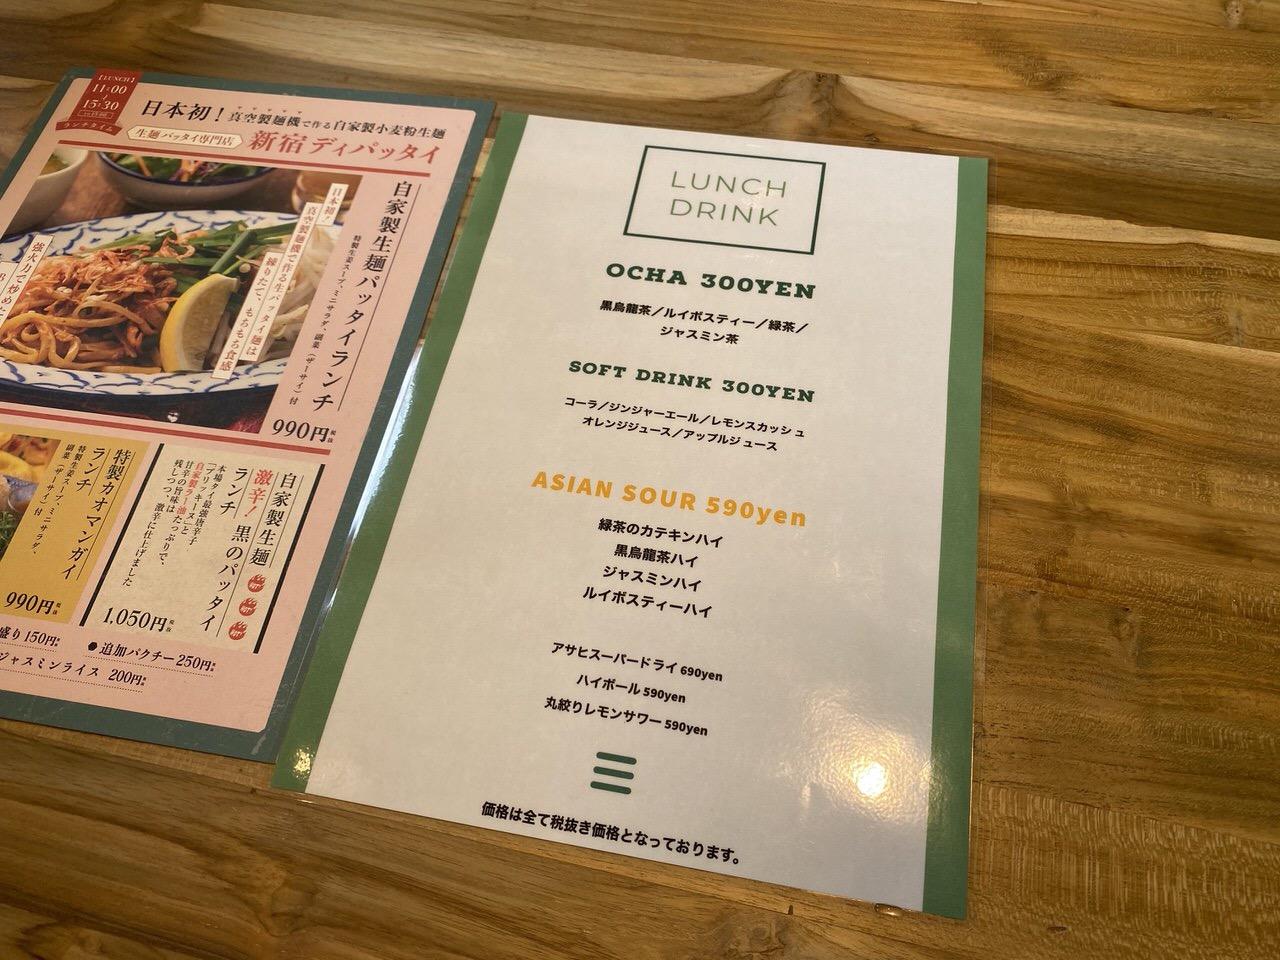 生パッタイ専門店「新宿ディパッタイ」黒パッタイ 5